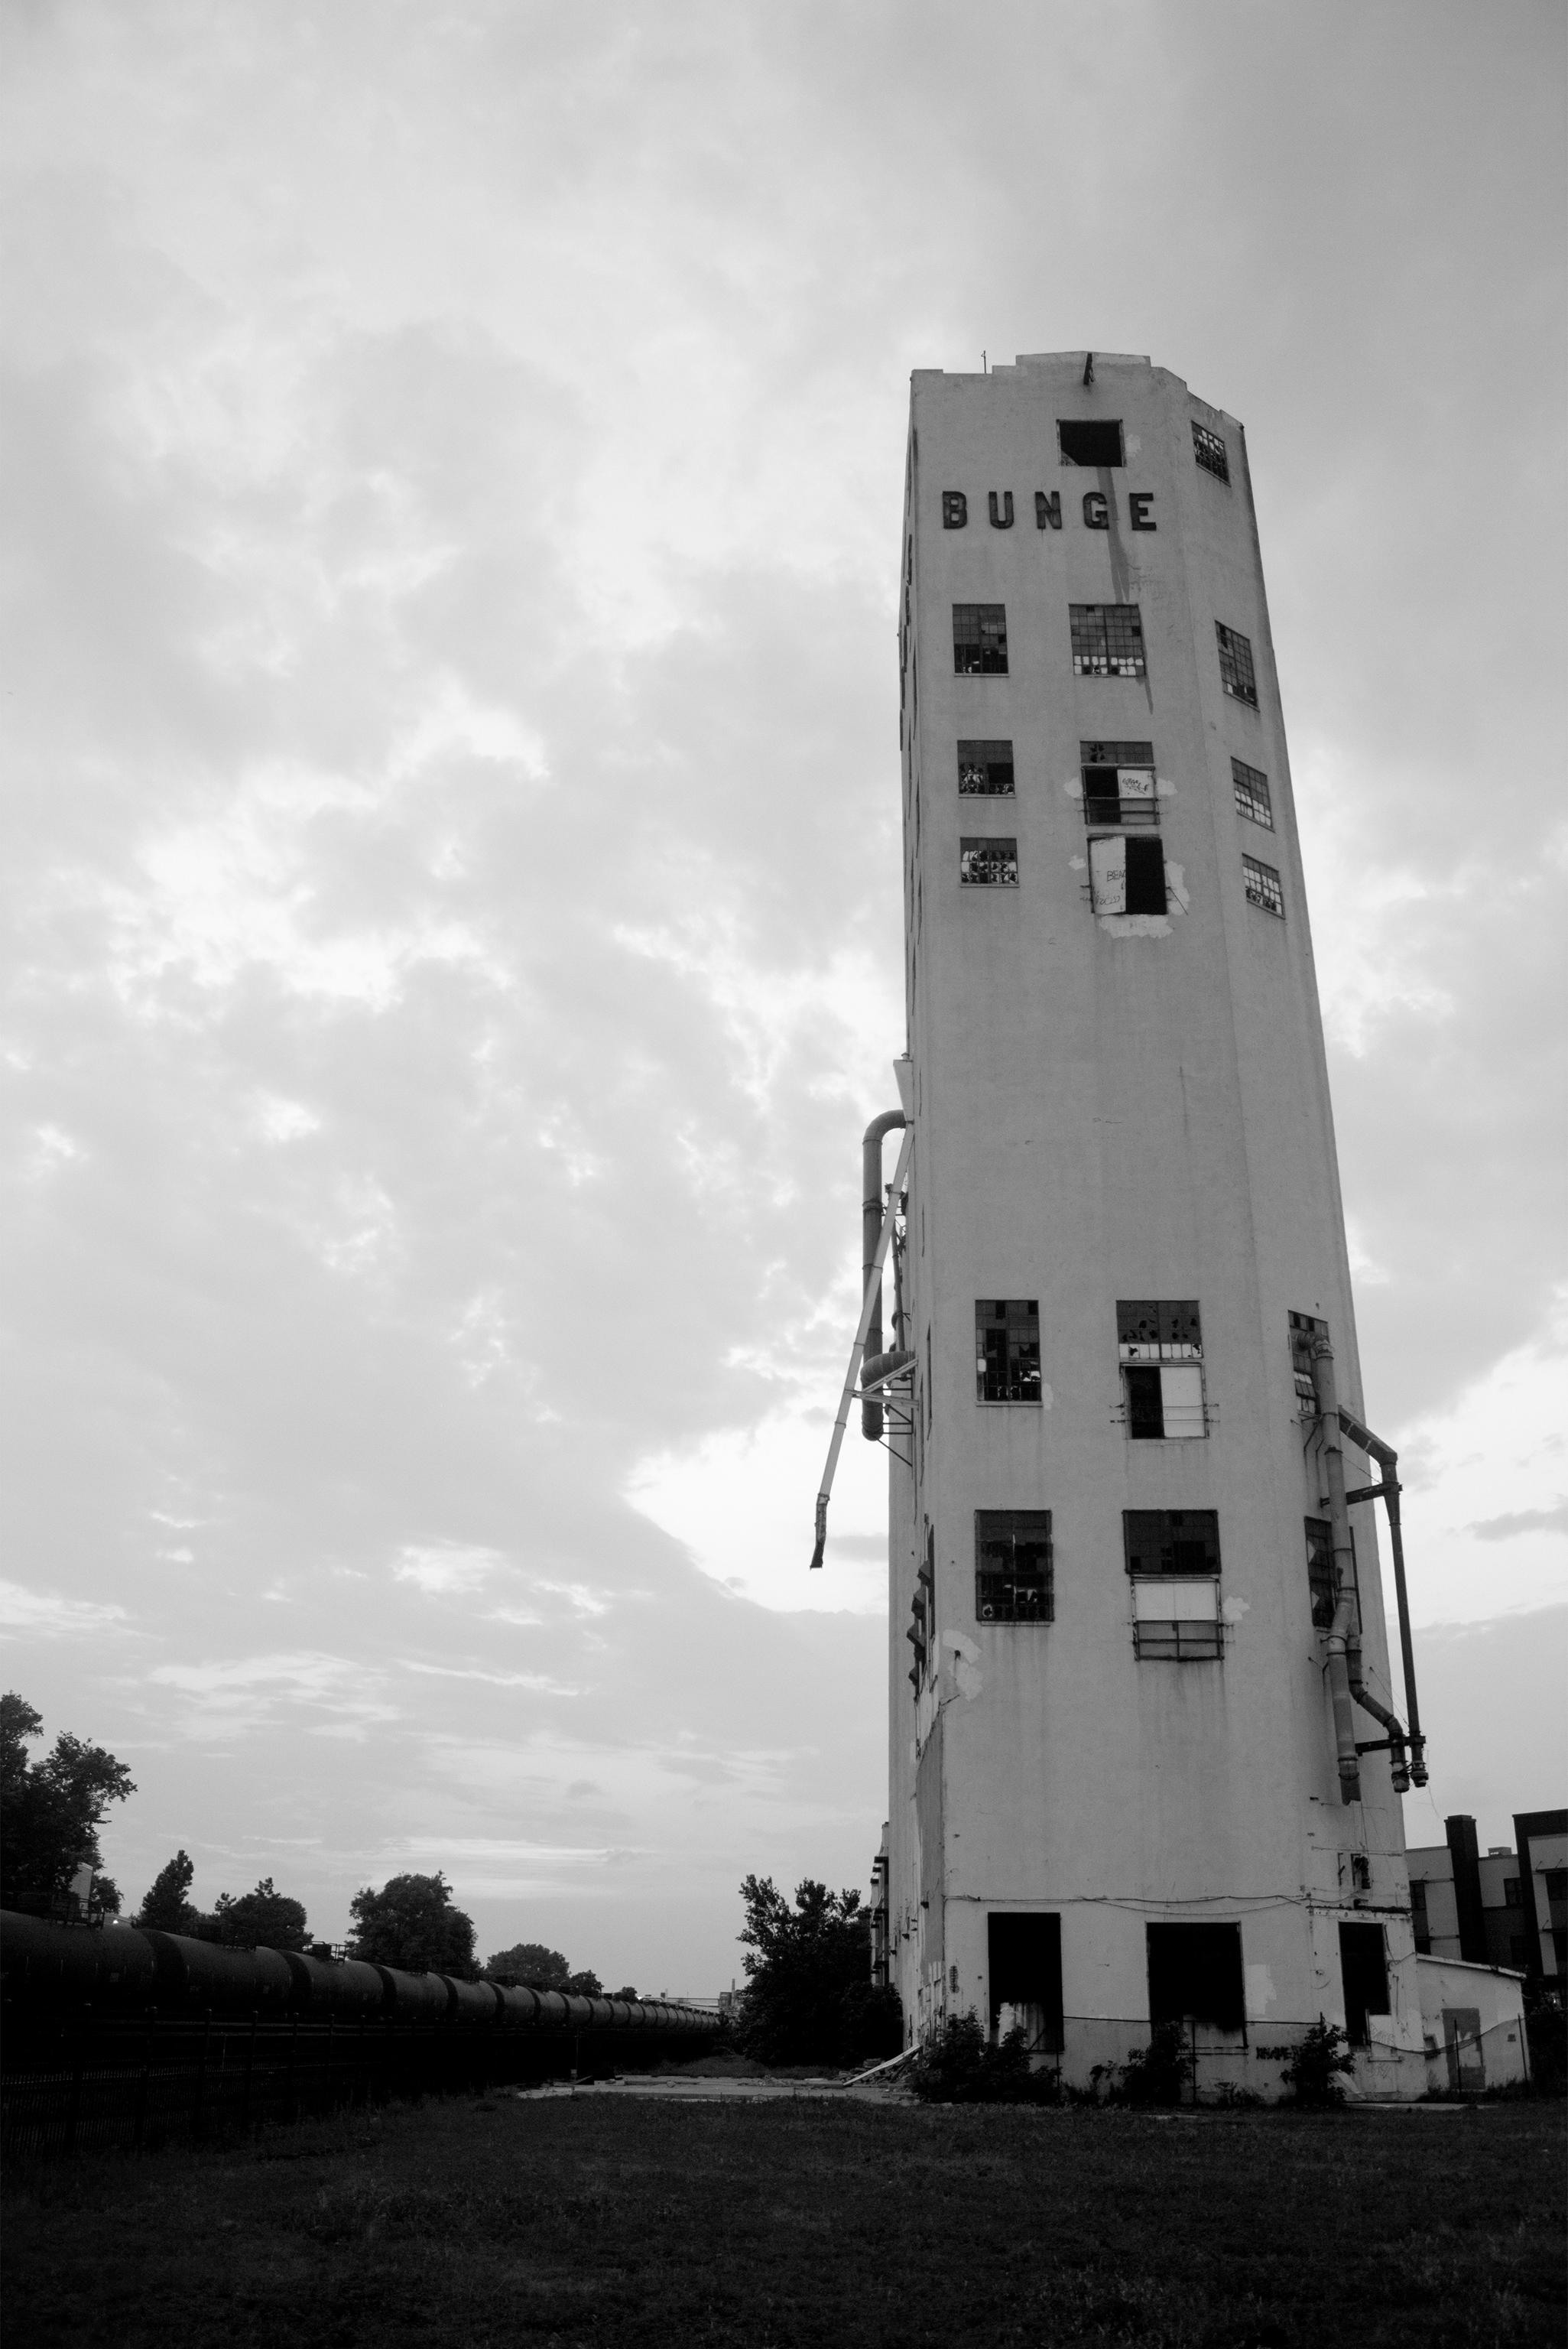 Bunge_Tower.jpg